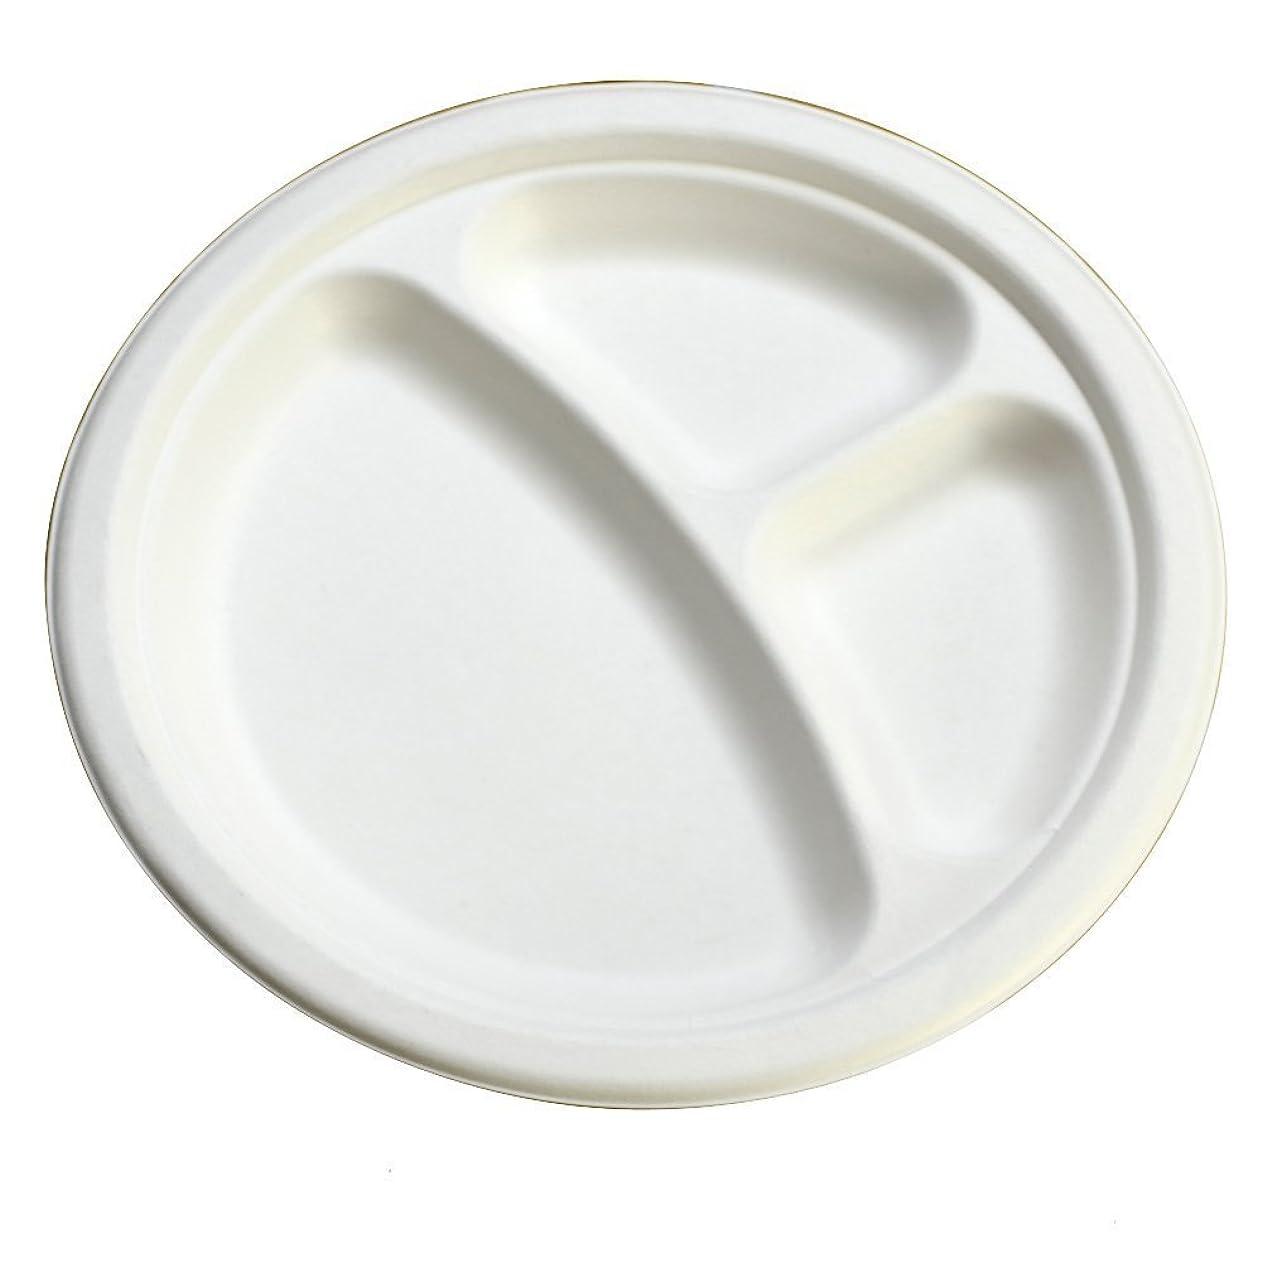 机キャプション航空会社使い捨て 丈夫な紙皿 エコでオシャレな eモールド 仕切り付きプレート 23cm P012 50枚入